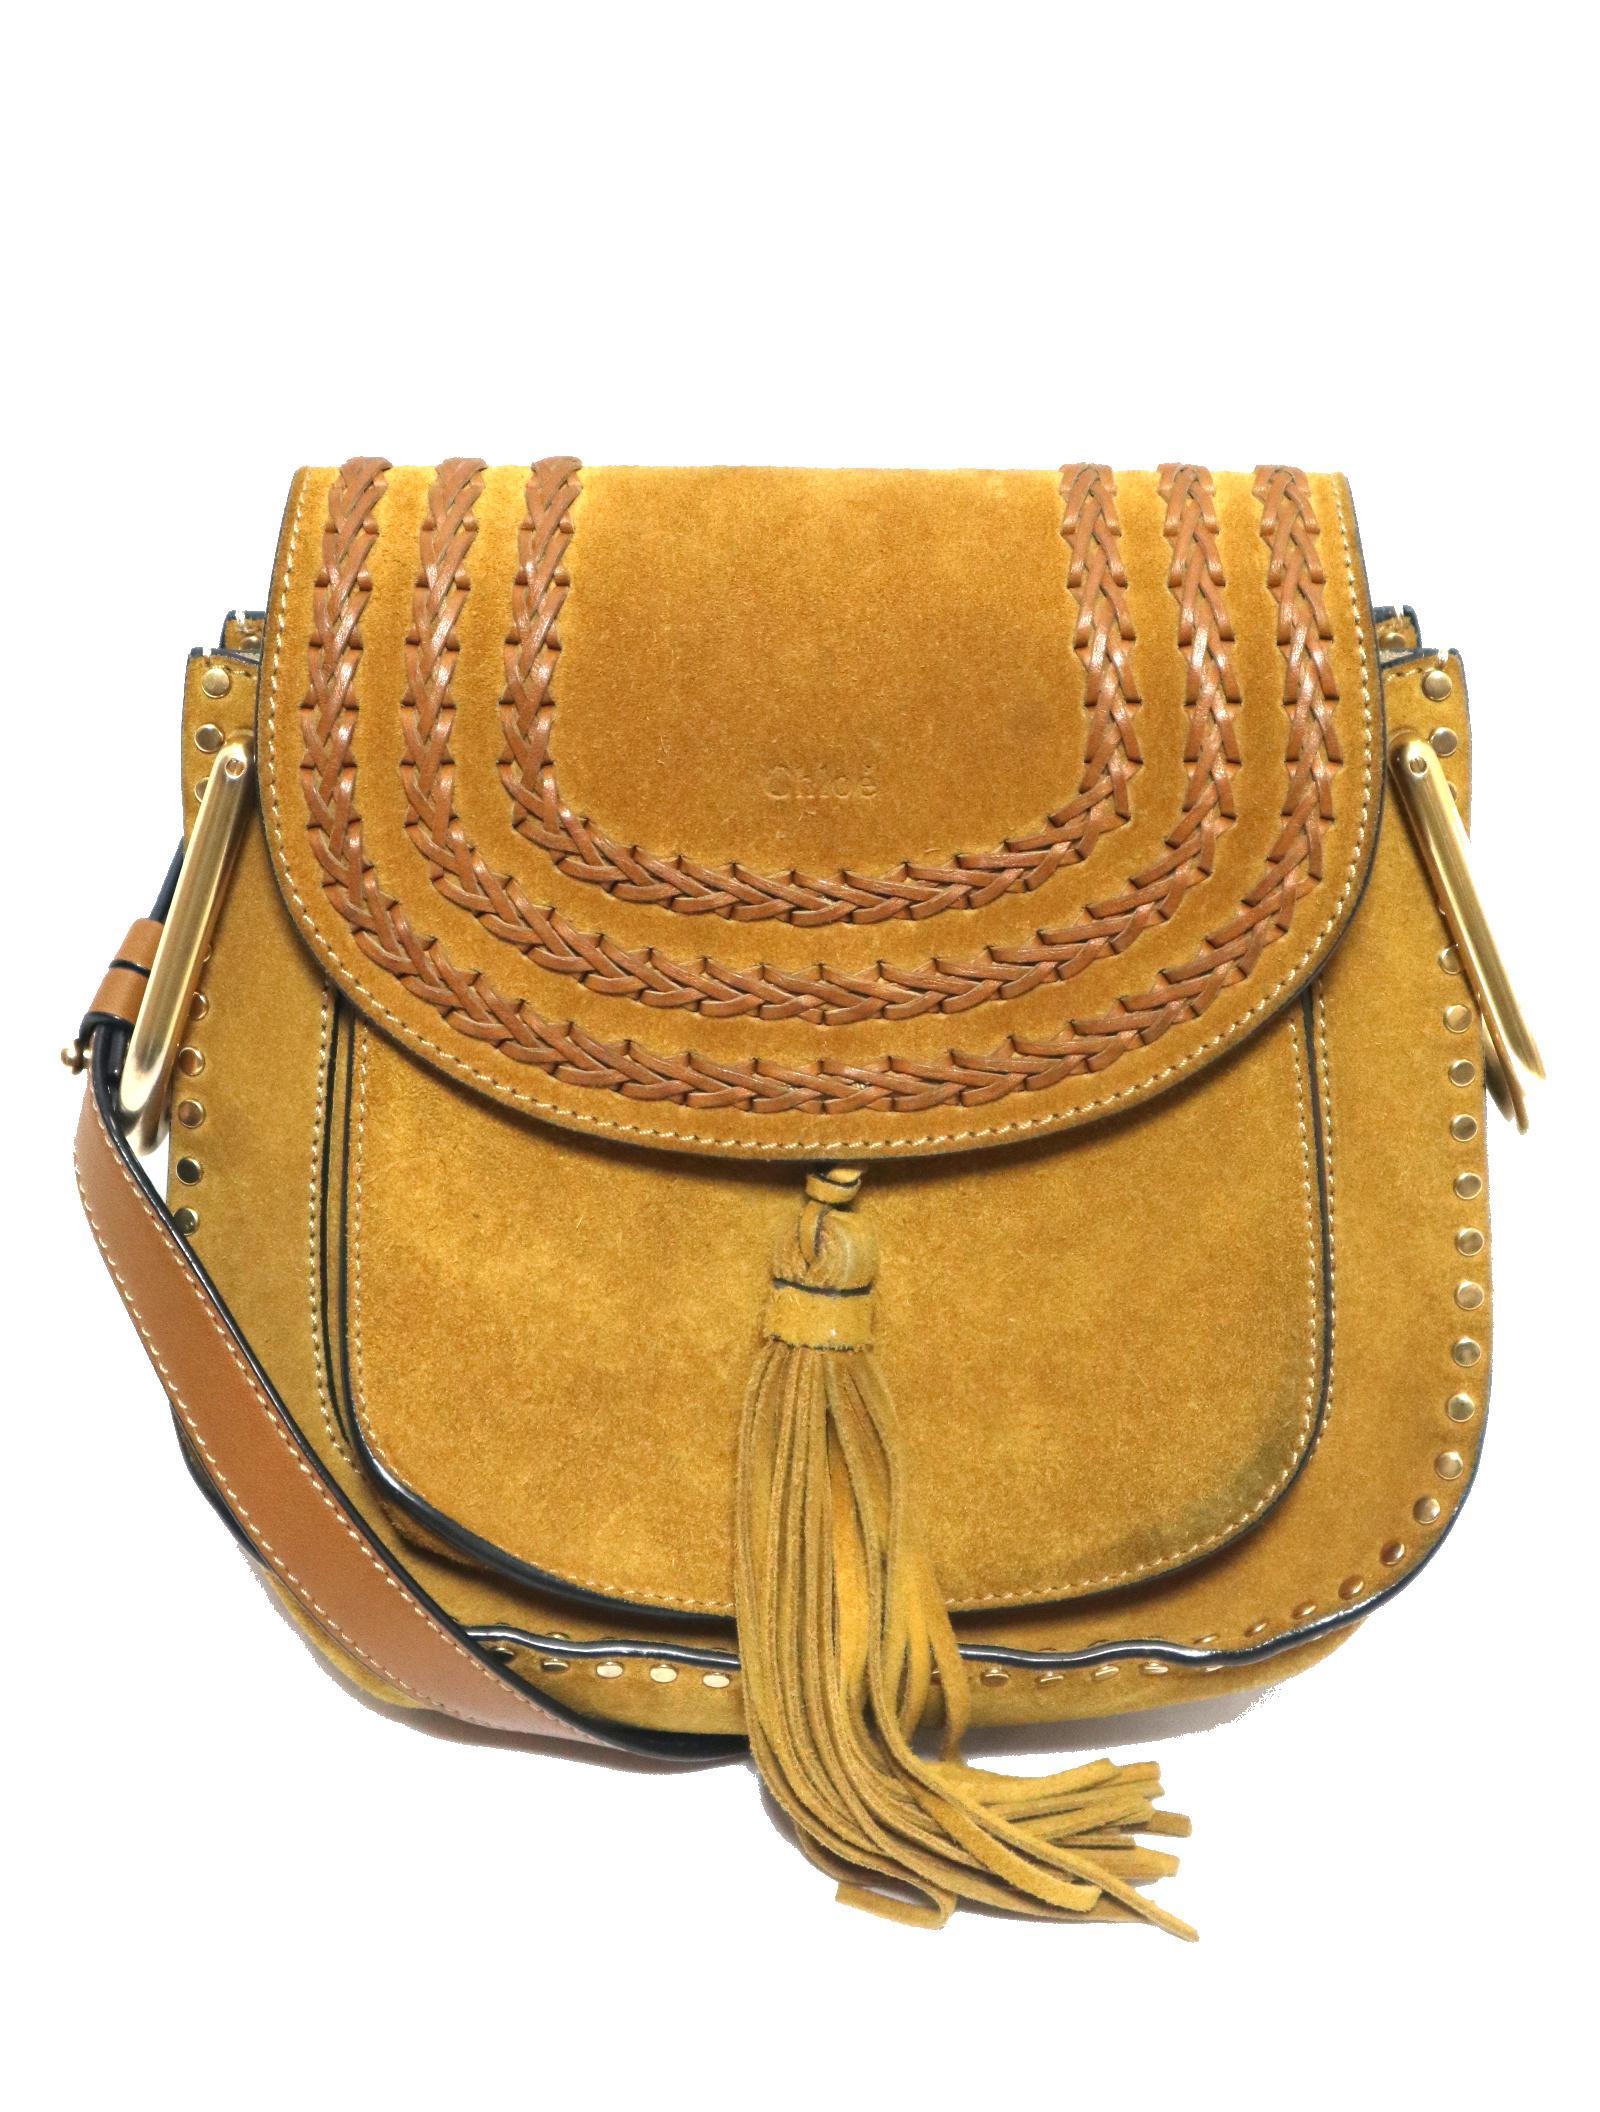 reputable site 28859 46a31 [中古]Chloe(クロエ)のレディース バッグ フリンジショルダーバッグ